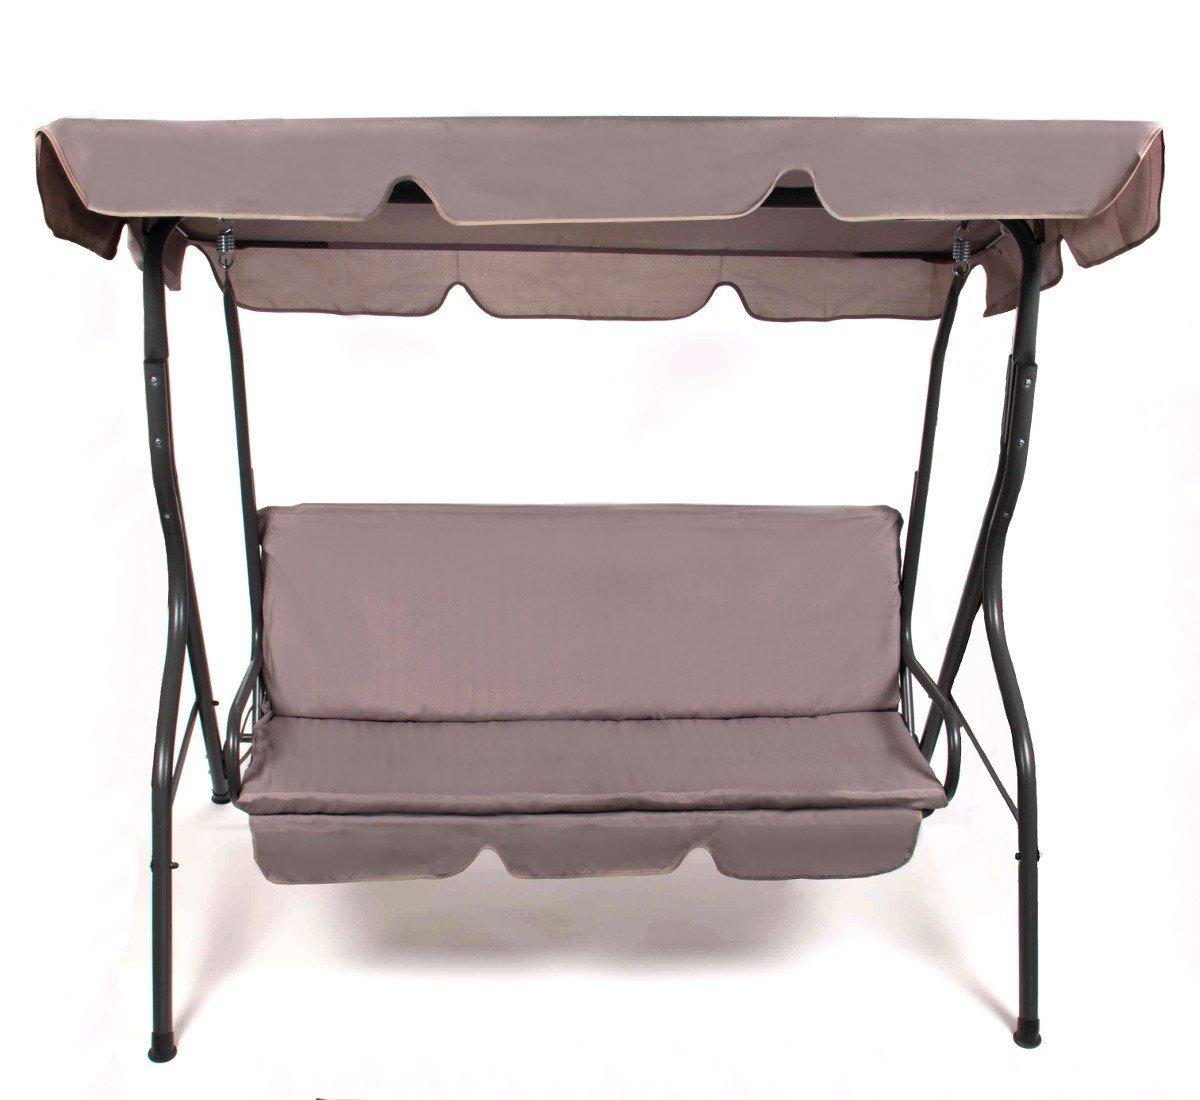 hollywoodschaukel f r 3 personen 130 cm polster waschbar dachneigung verstellbar grau. Black Bedroom Furniture Sets. Home Design Ideas